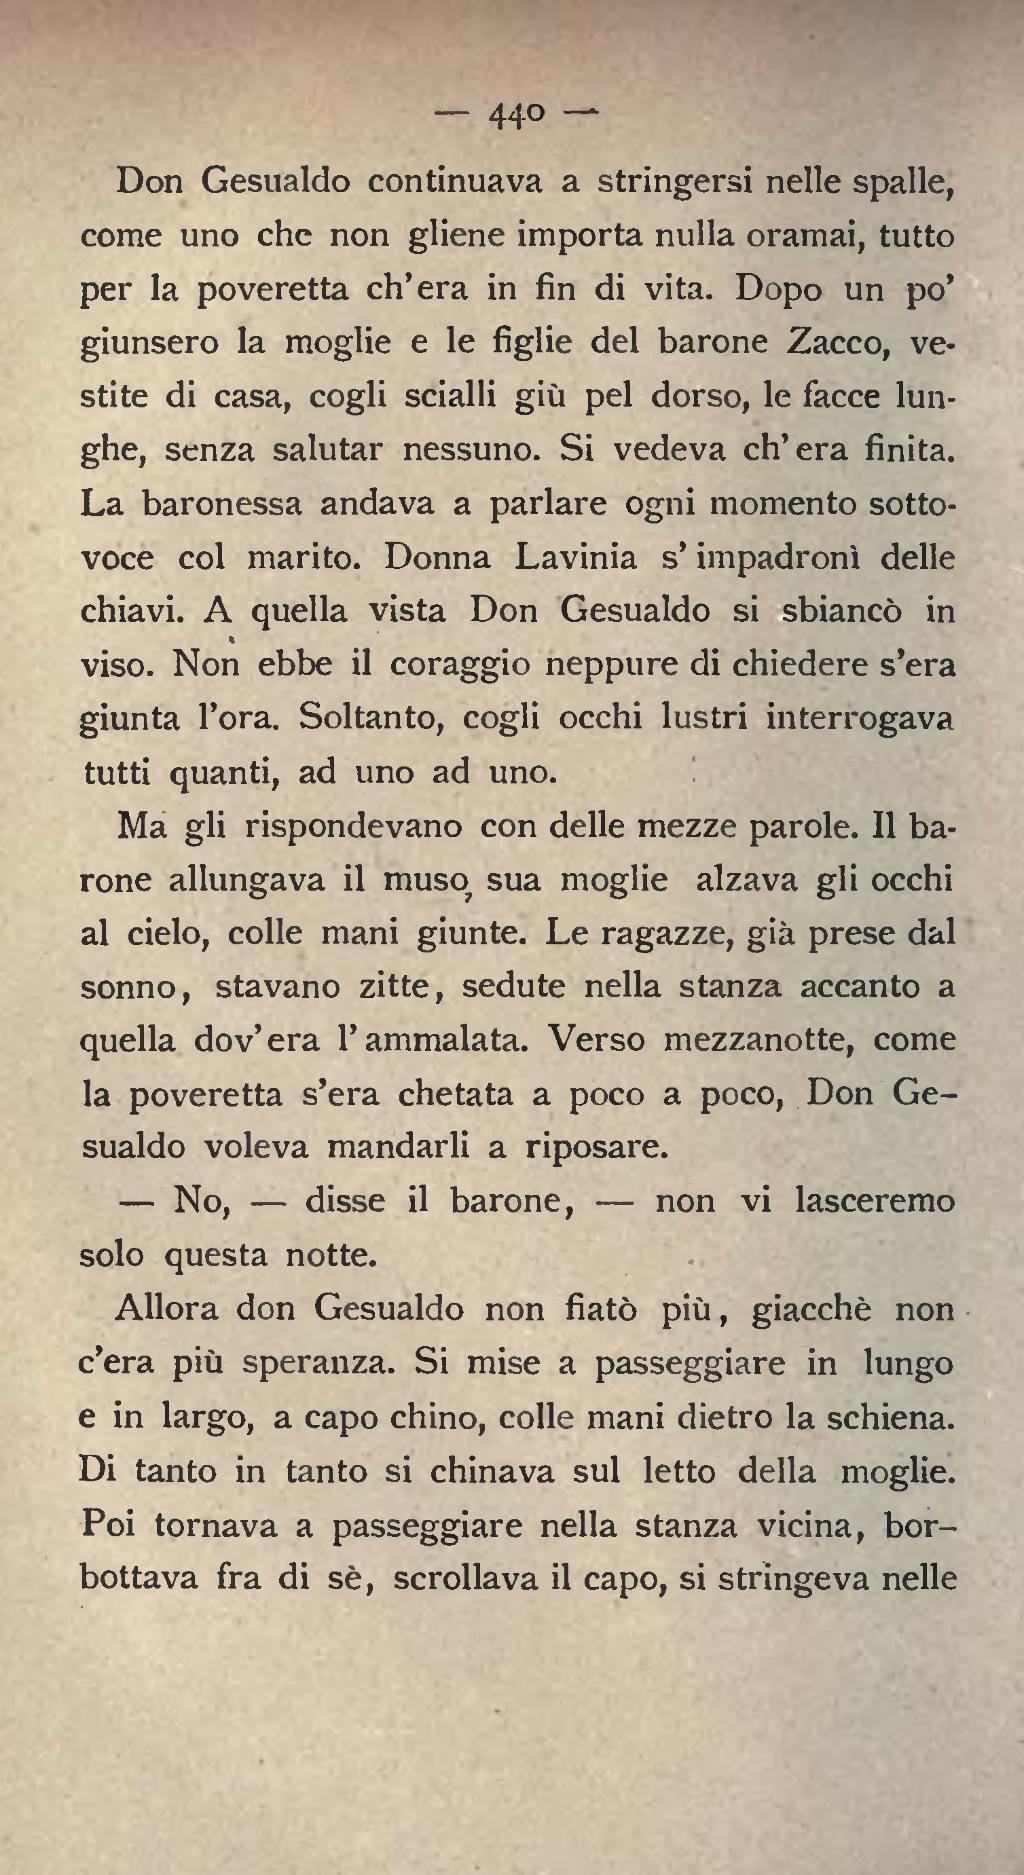 Pagina mastro don gesualdo 1890 djvu 448 wikisource for Testo il cielo nella stanza